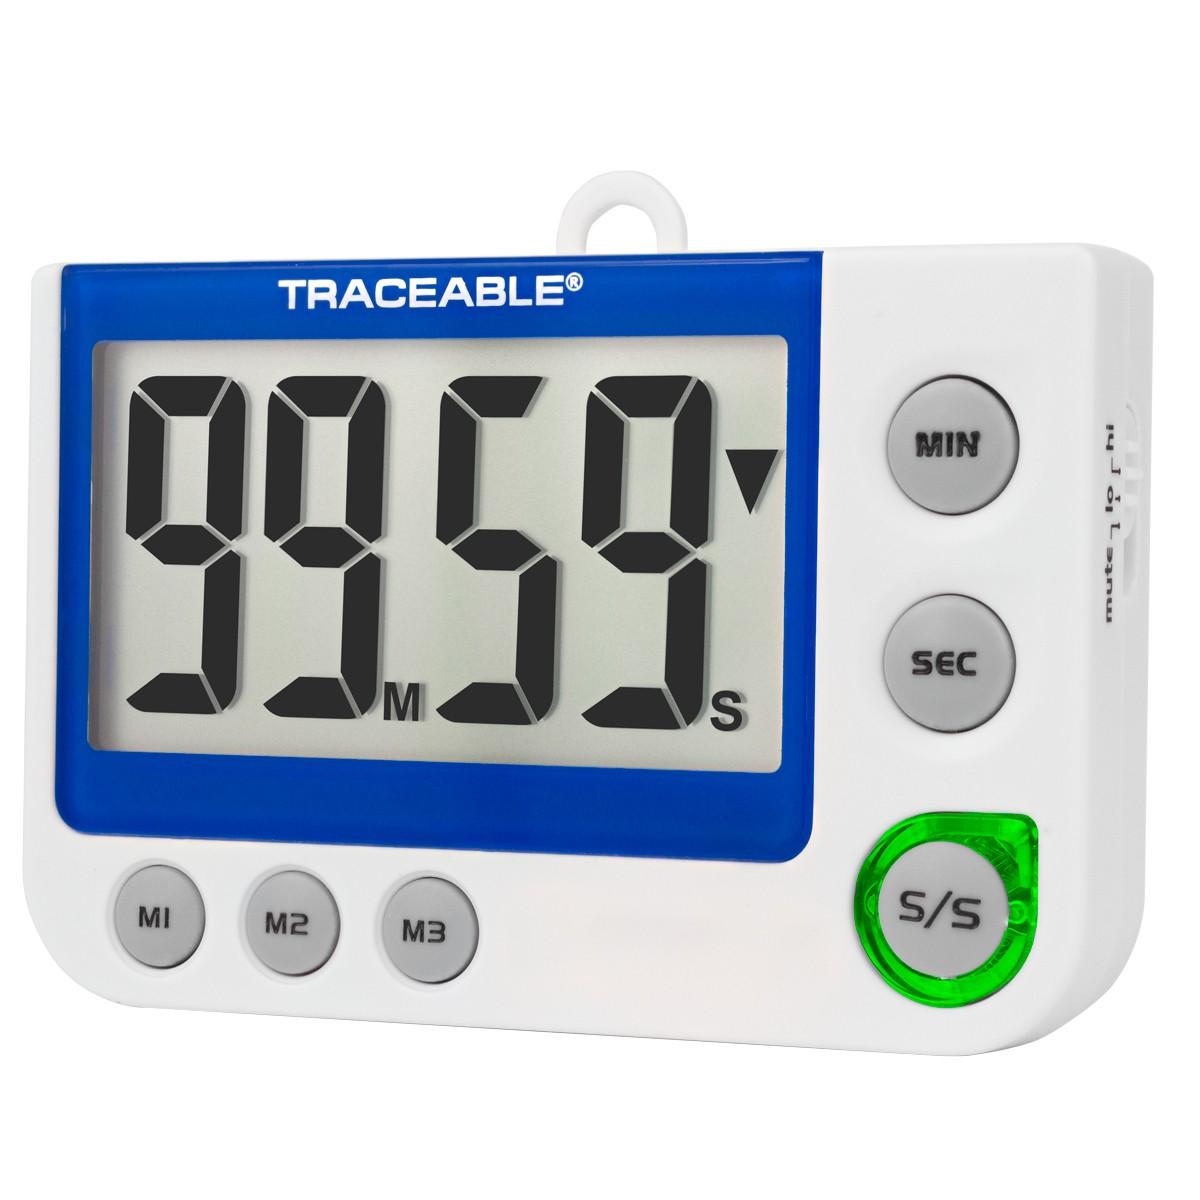 Flashing LED Alert Big-Digit Traceable Alarm Timer